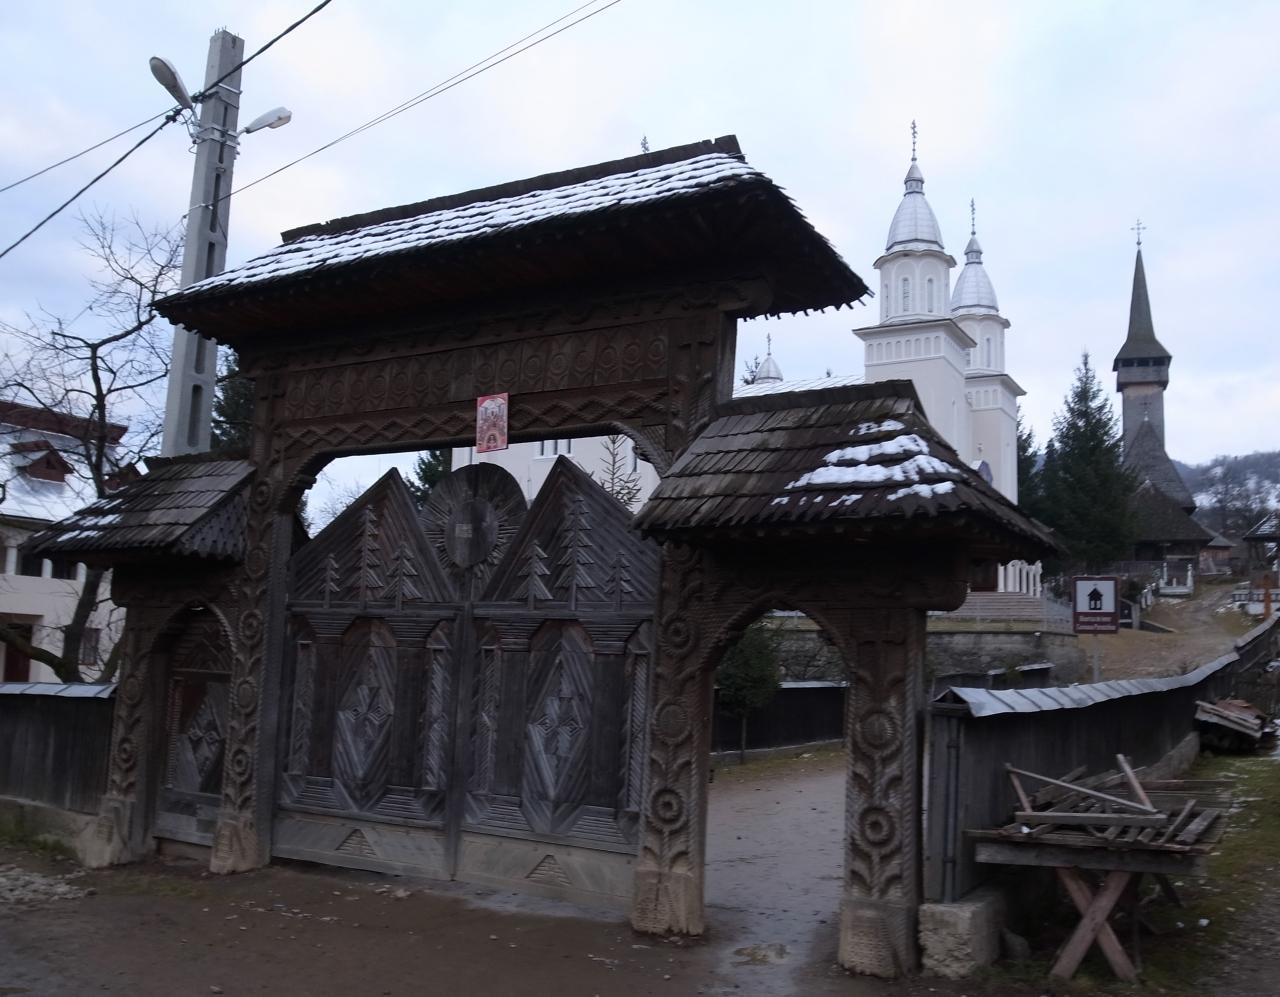 マラムレシュの木造聖堂群の画像 p1_17